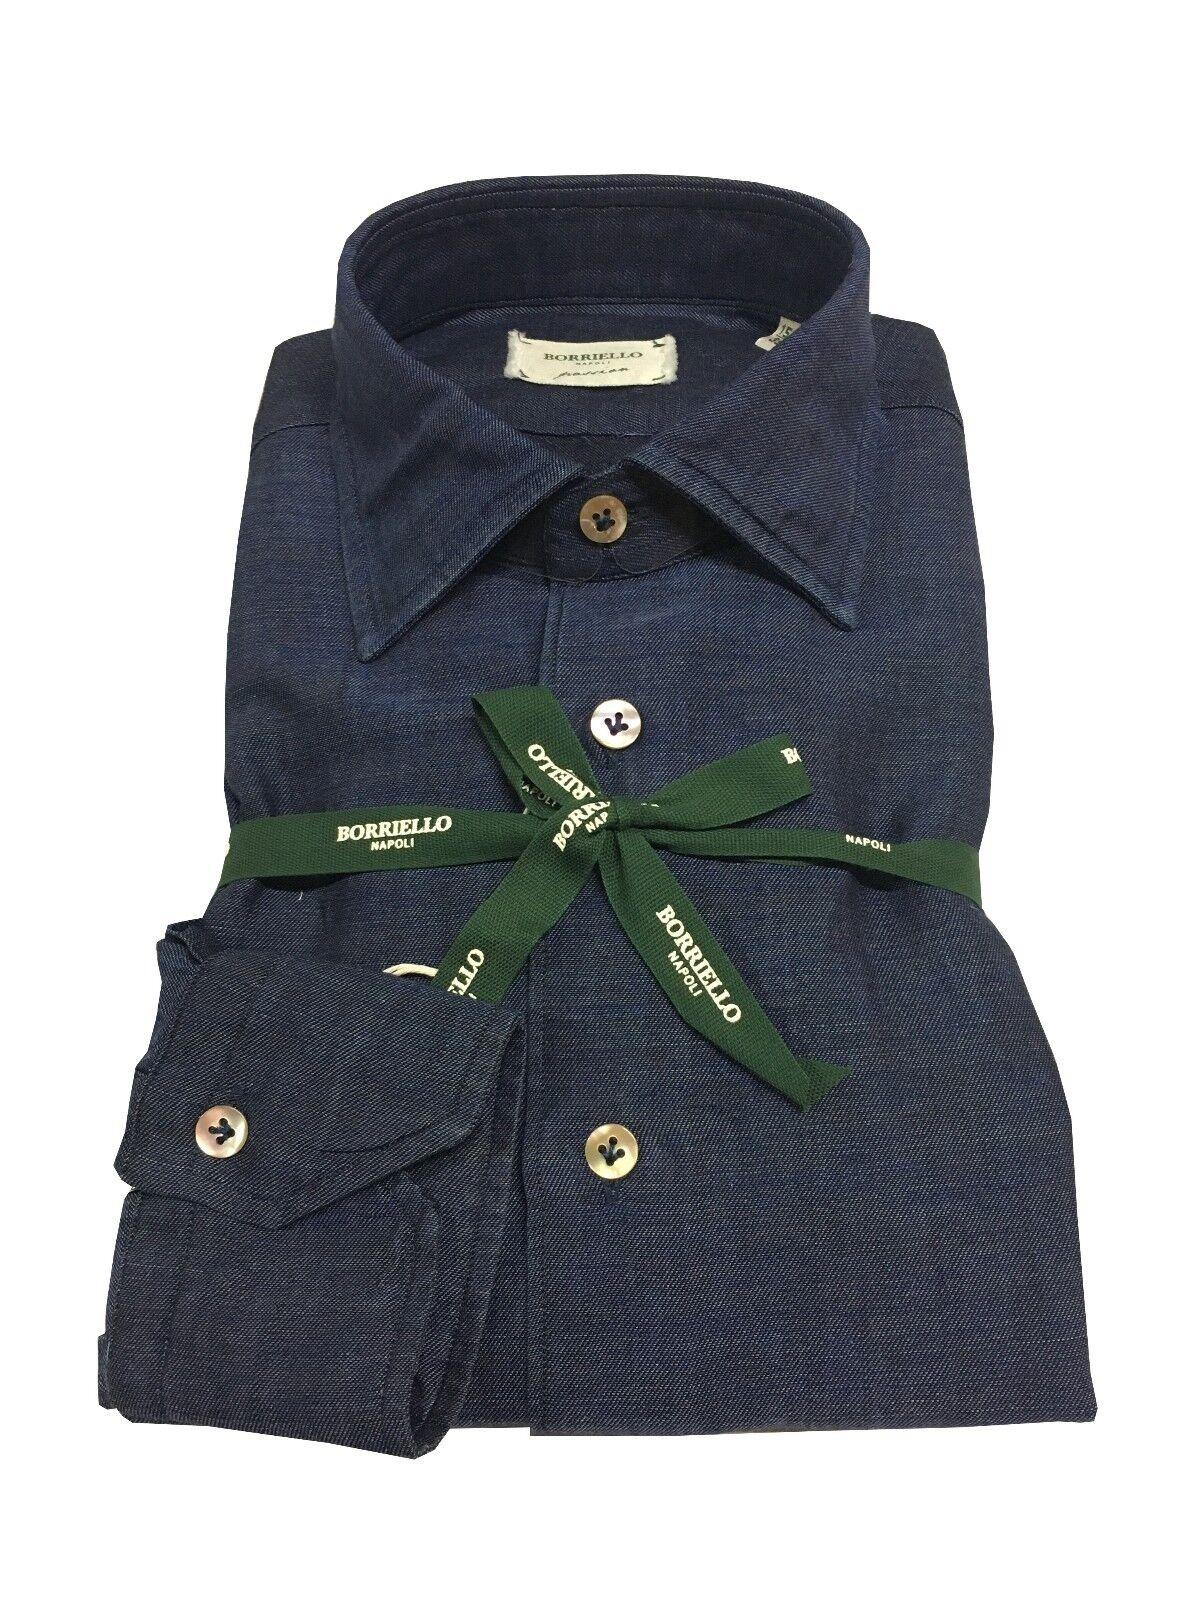 BORRIELLO camicia uomo denim 100% cotone MADE IN ITALY